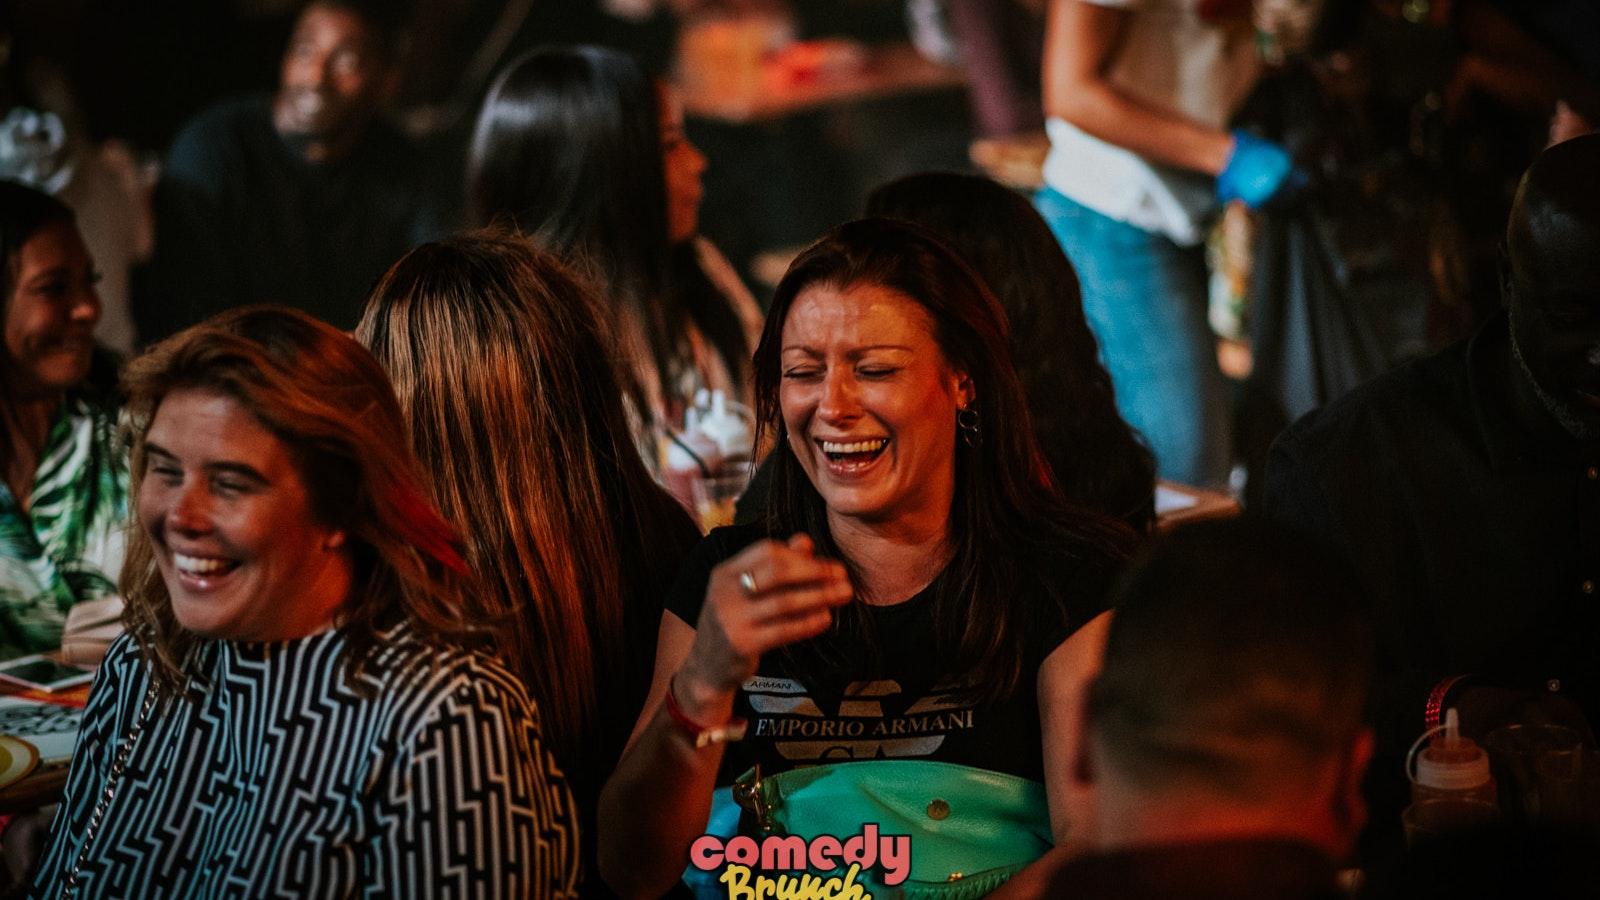 Comedy Brunch – Xmas Special